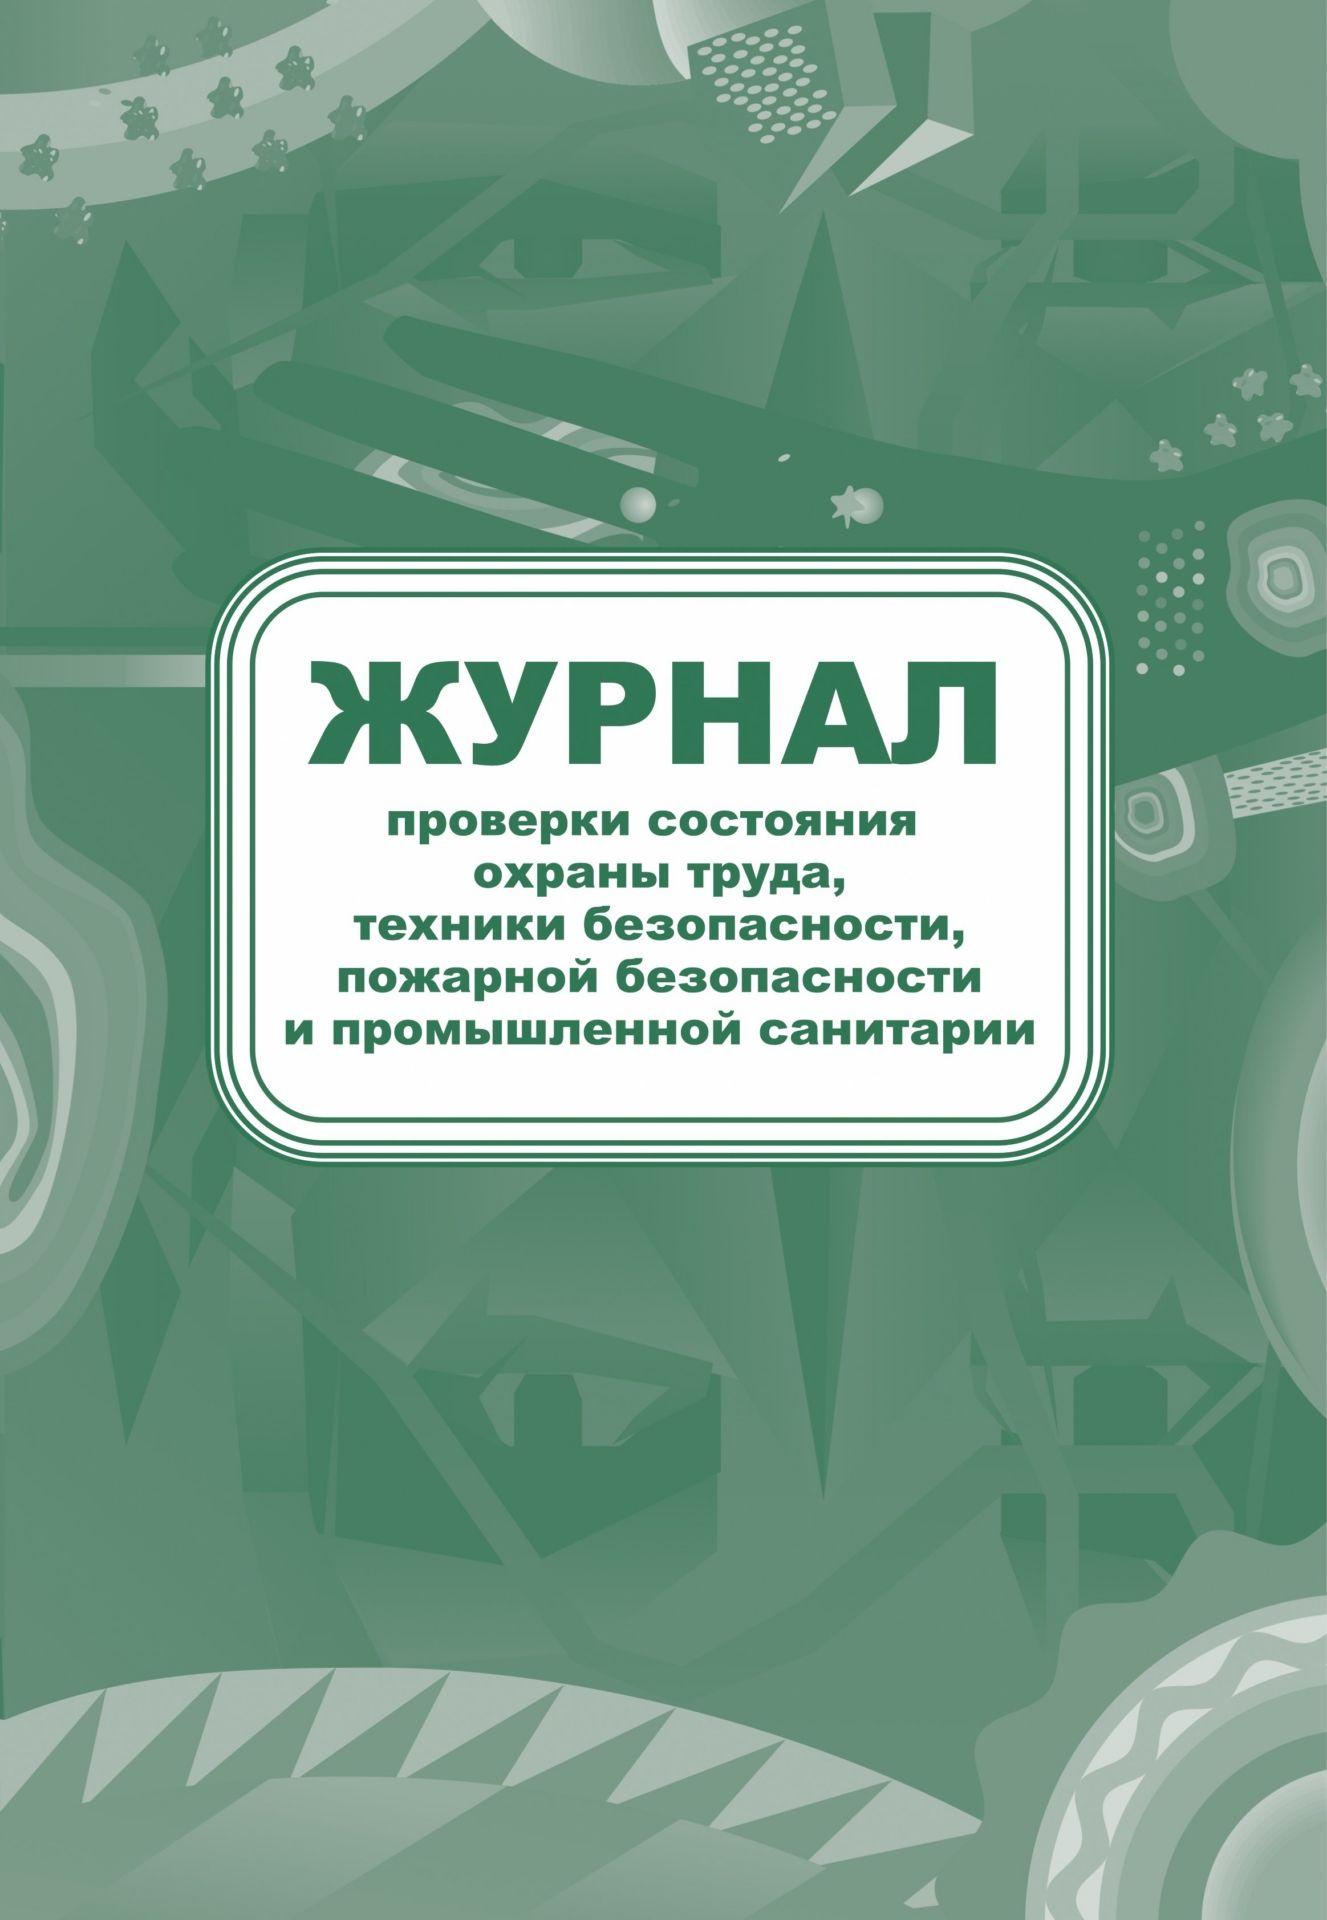 Журнал проверки состояния охраны труда, техники безопасности, пожарной безопасности и промышленной санитарии